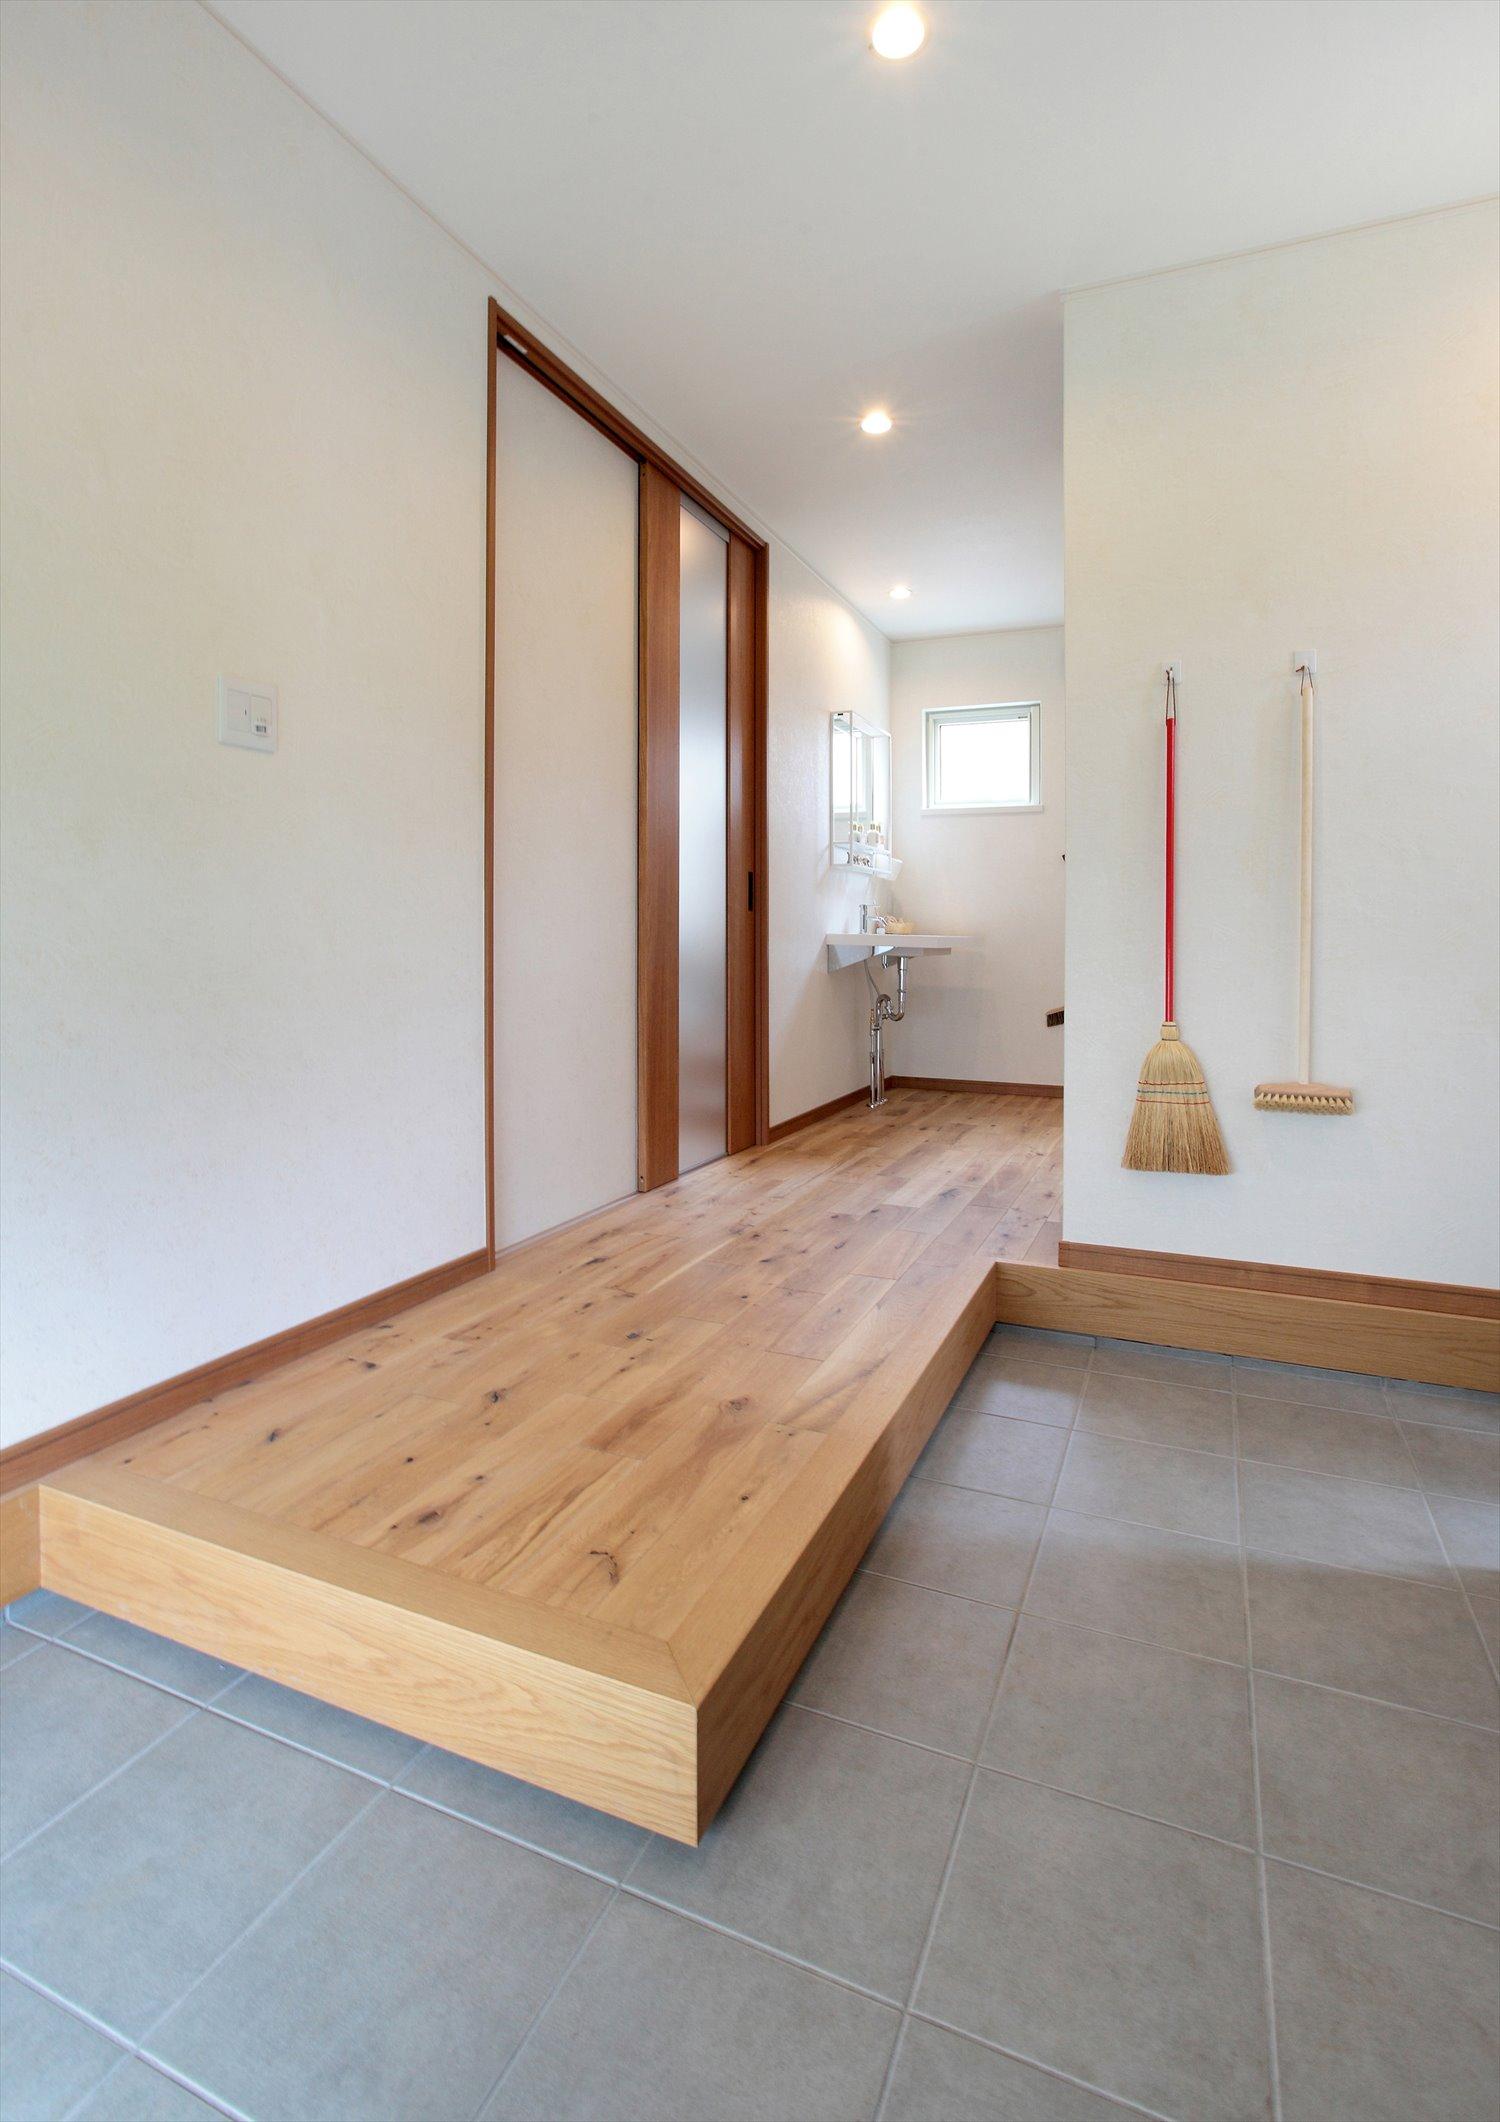 手洗いスペース付き、引き戸で仕切られた玄関空間